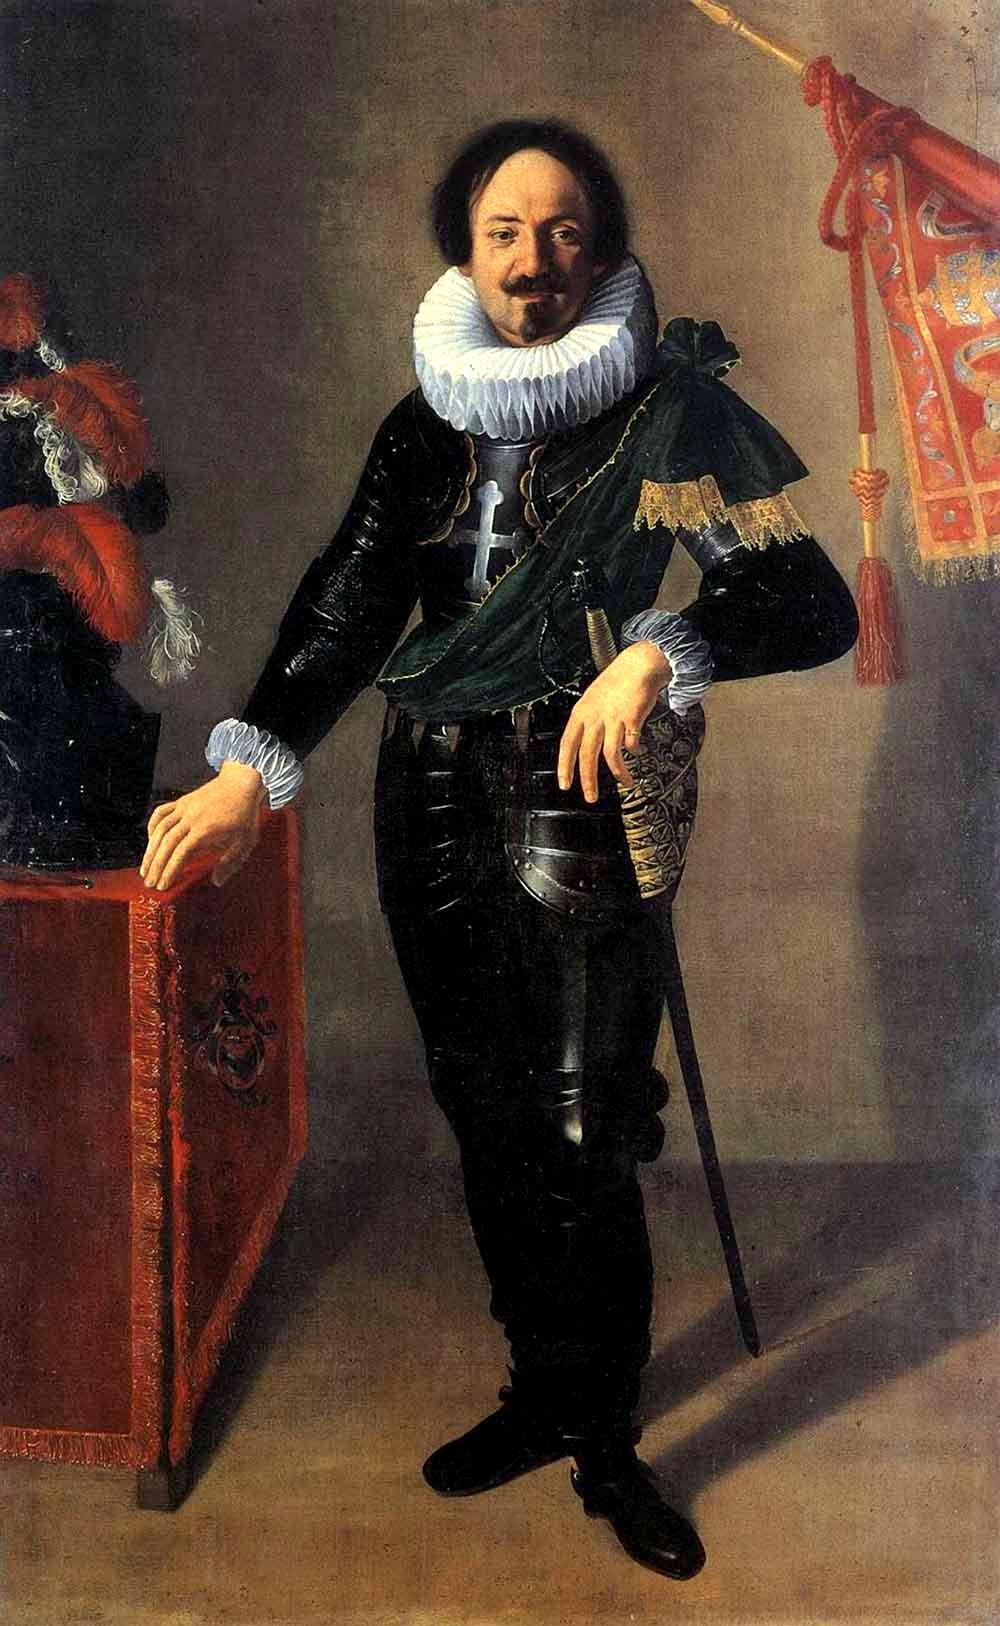 Depiction of Retrato de un confaloniero